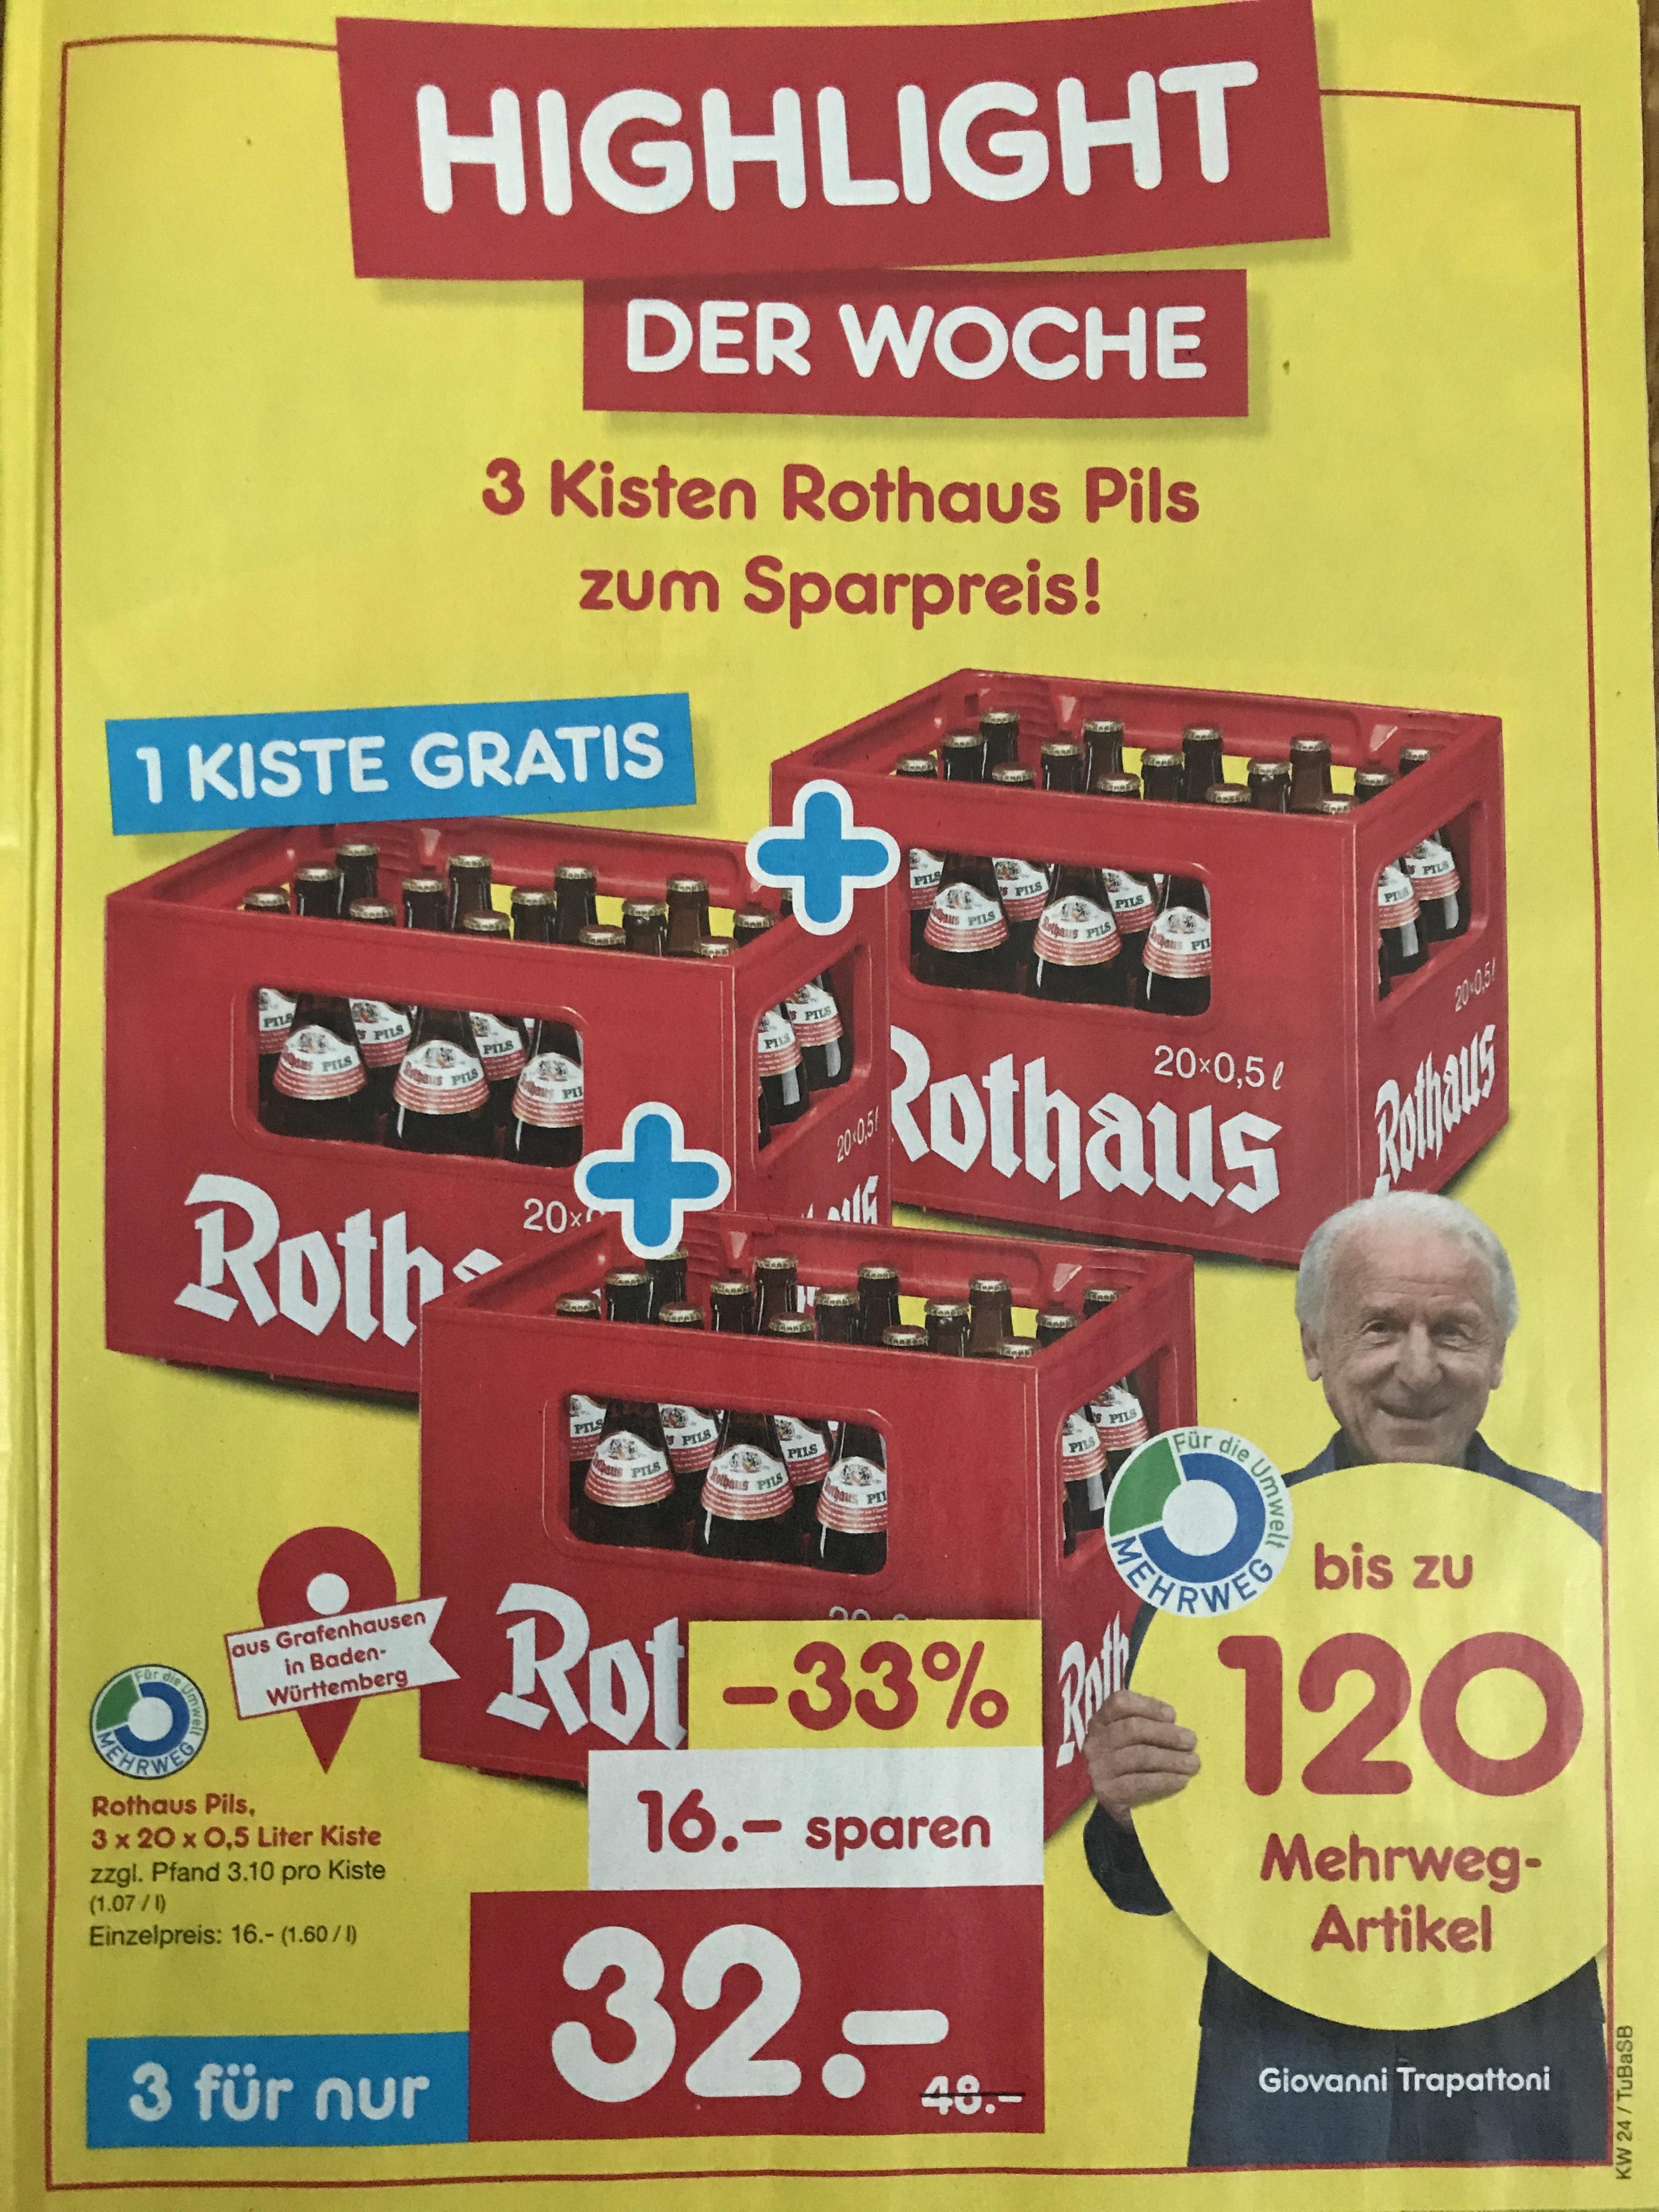 Rothaus Pils 3 x 20 x 0,5 l für 32€ zzgl. Pfand lokal Netto MD